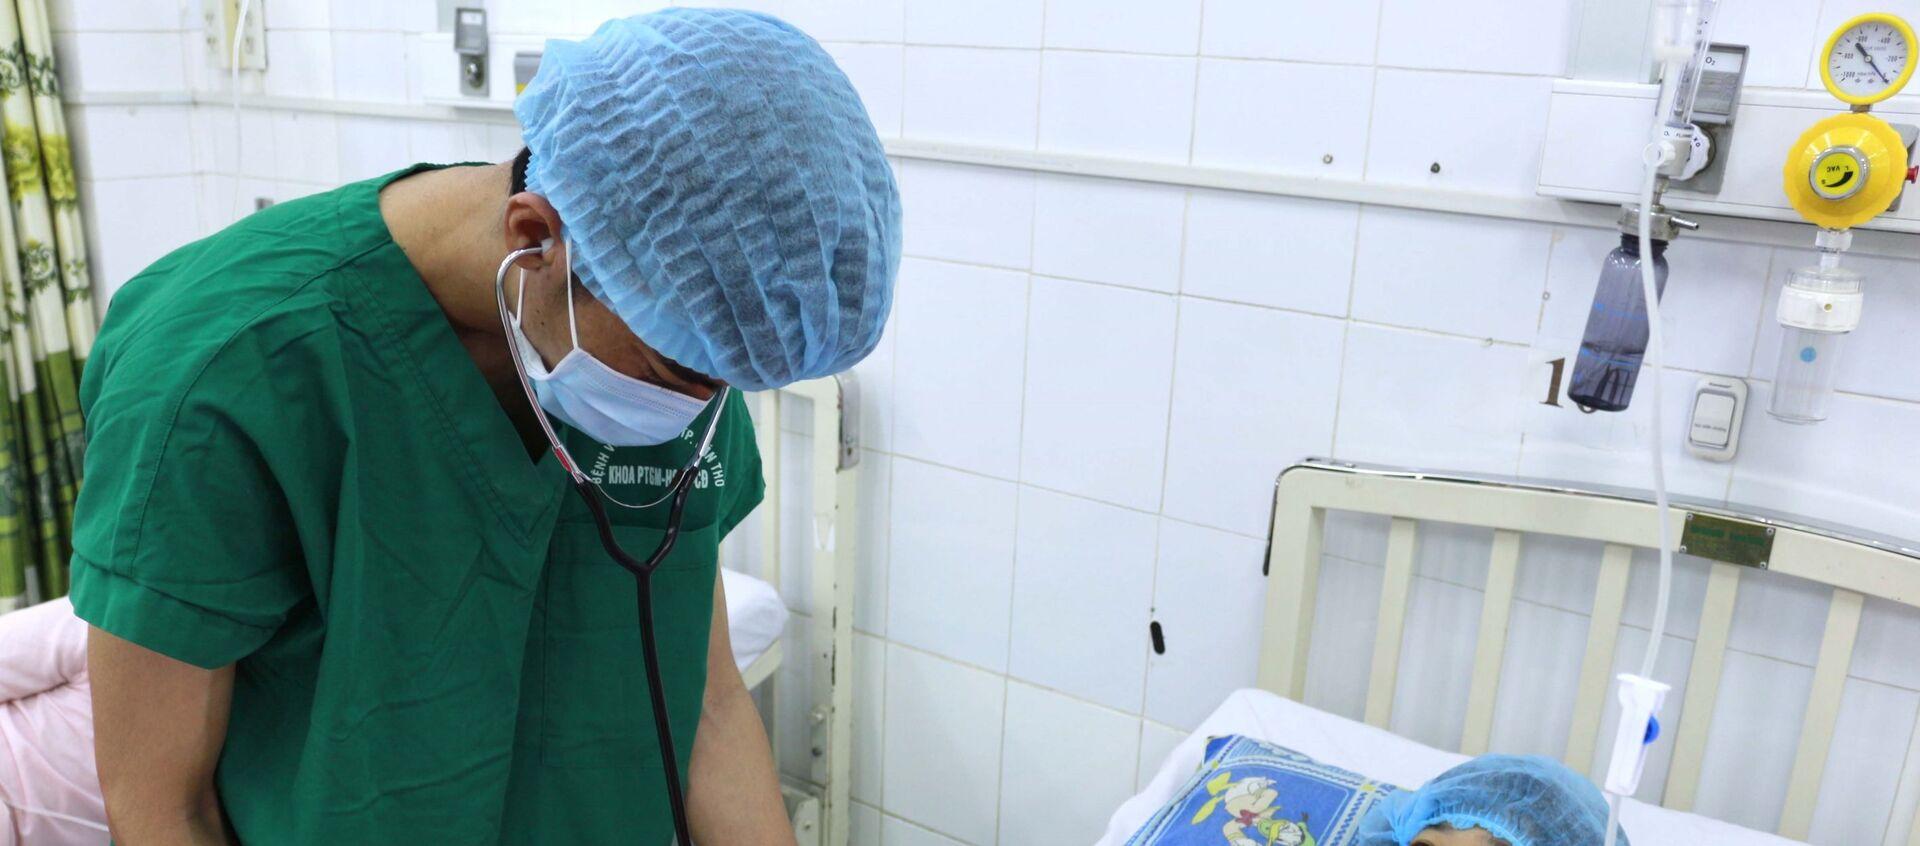 Các bác sĩ Bệnh viện Phụ sản Cần Thơ thăm khám cho bệnh nhân T.T.K.L sau phẫu thuật.  - Sputnik Việt Nam, 1920, 10.07.2021